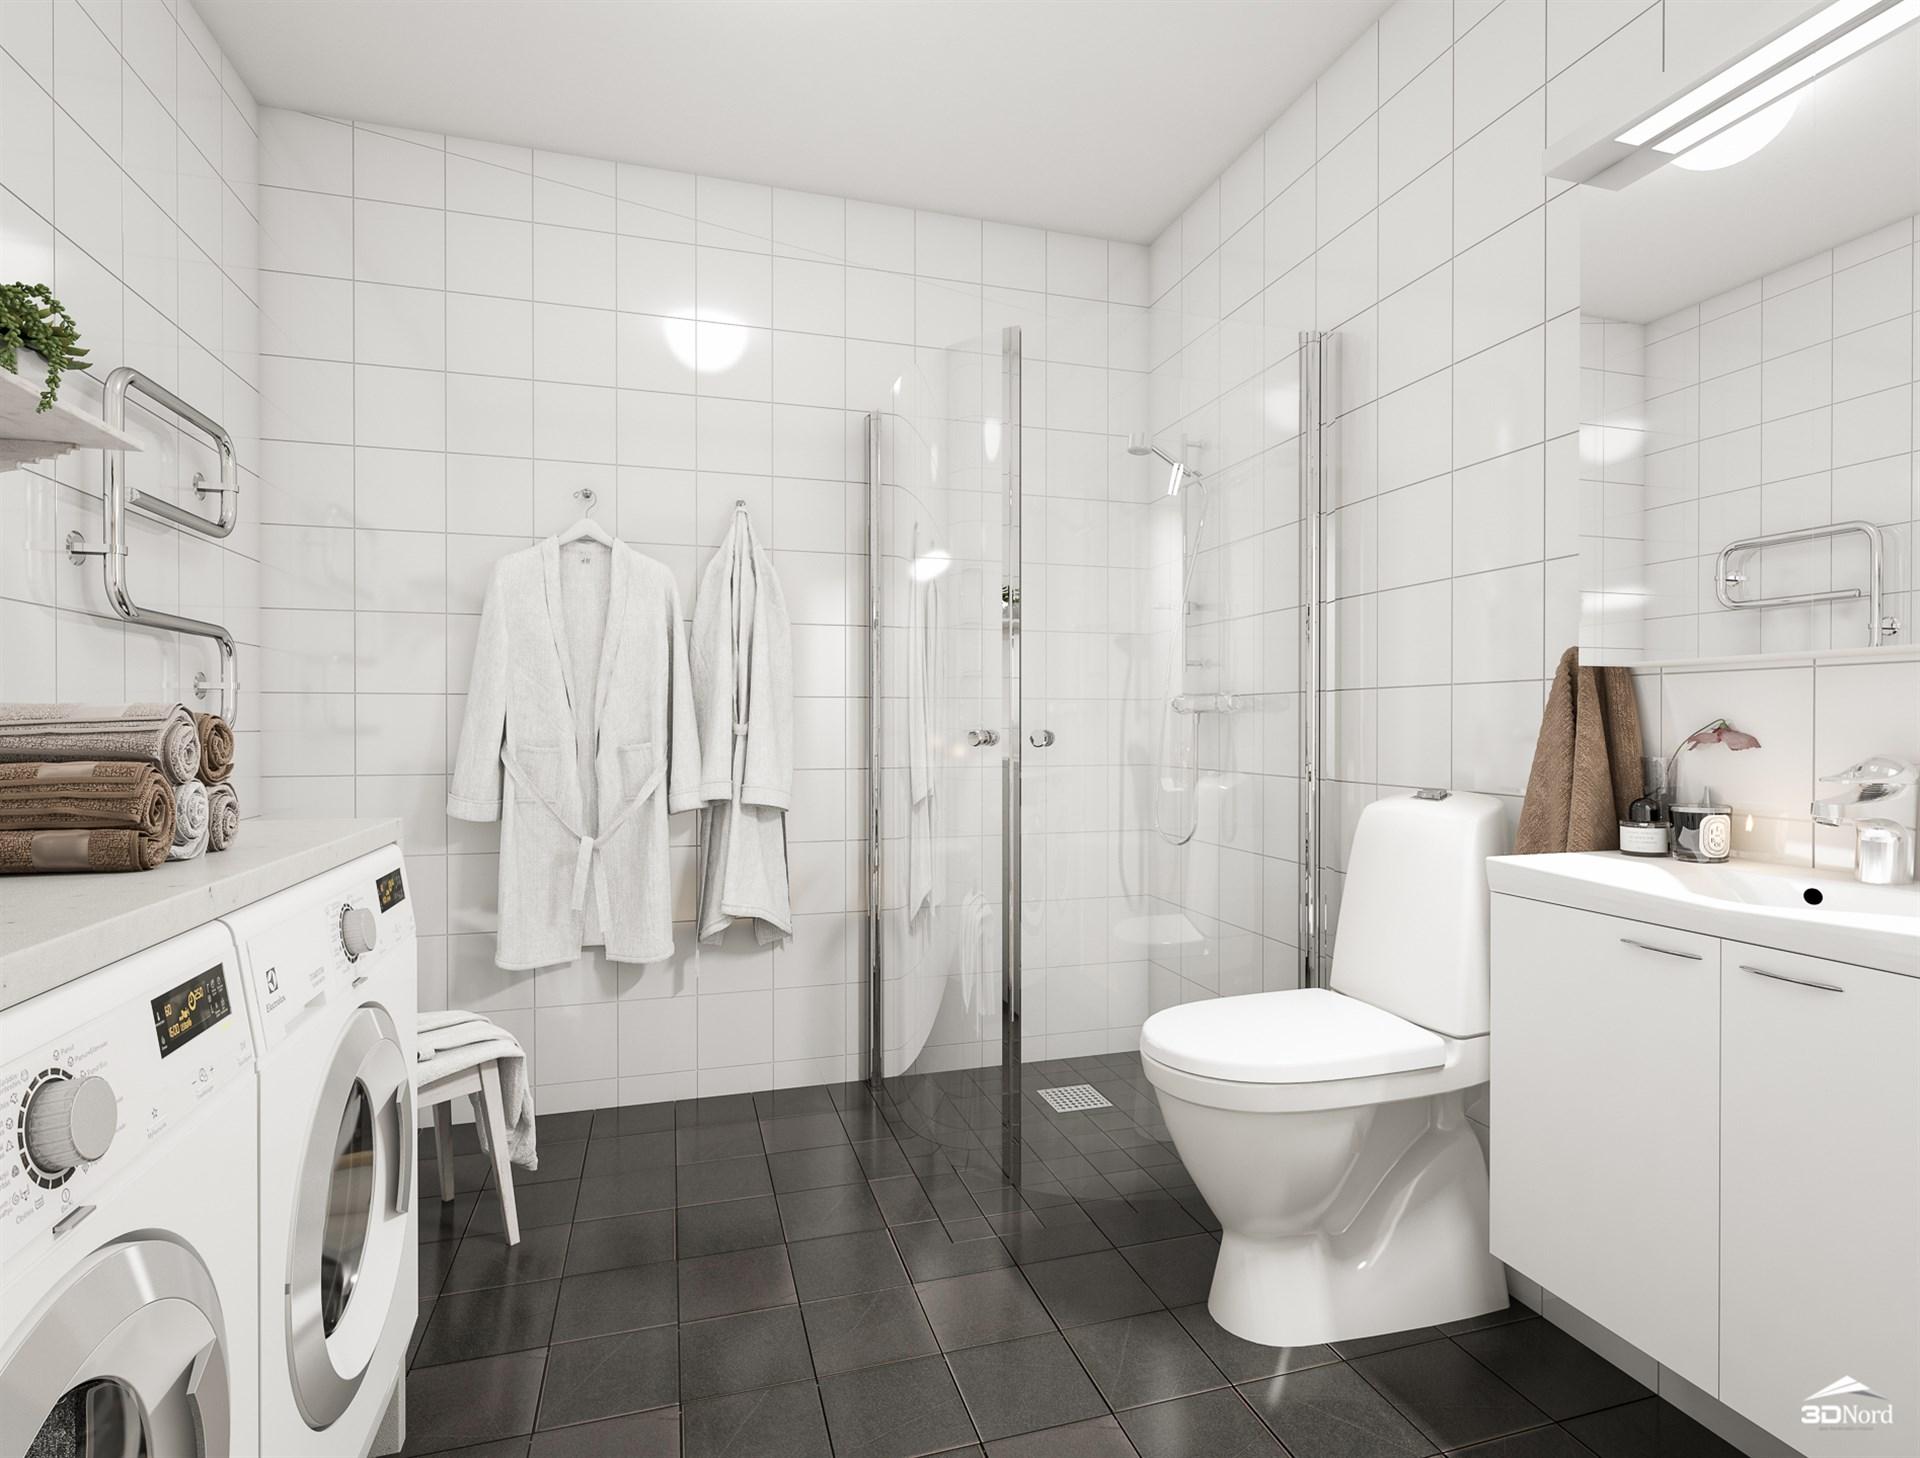 Badrum Bilderna är illustrationer och avvikelser kan förekomma.